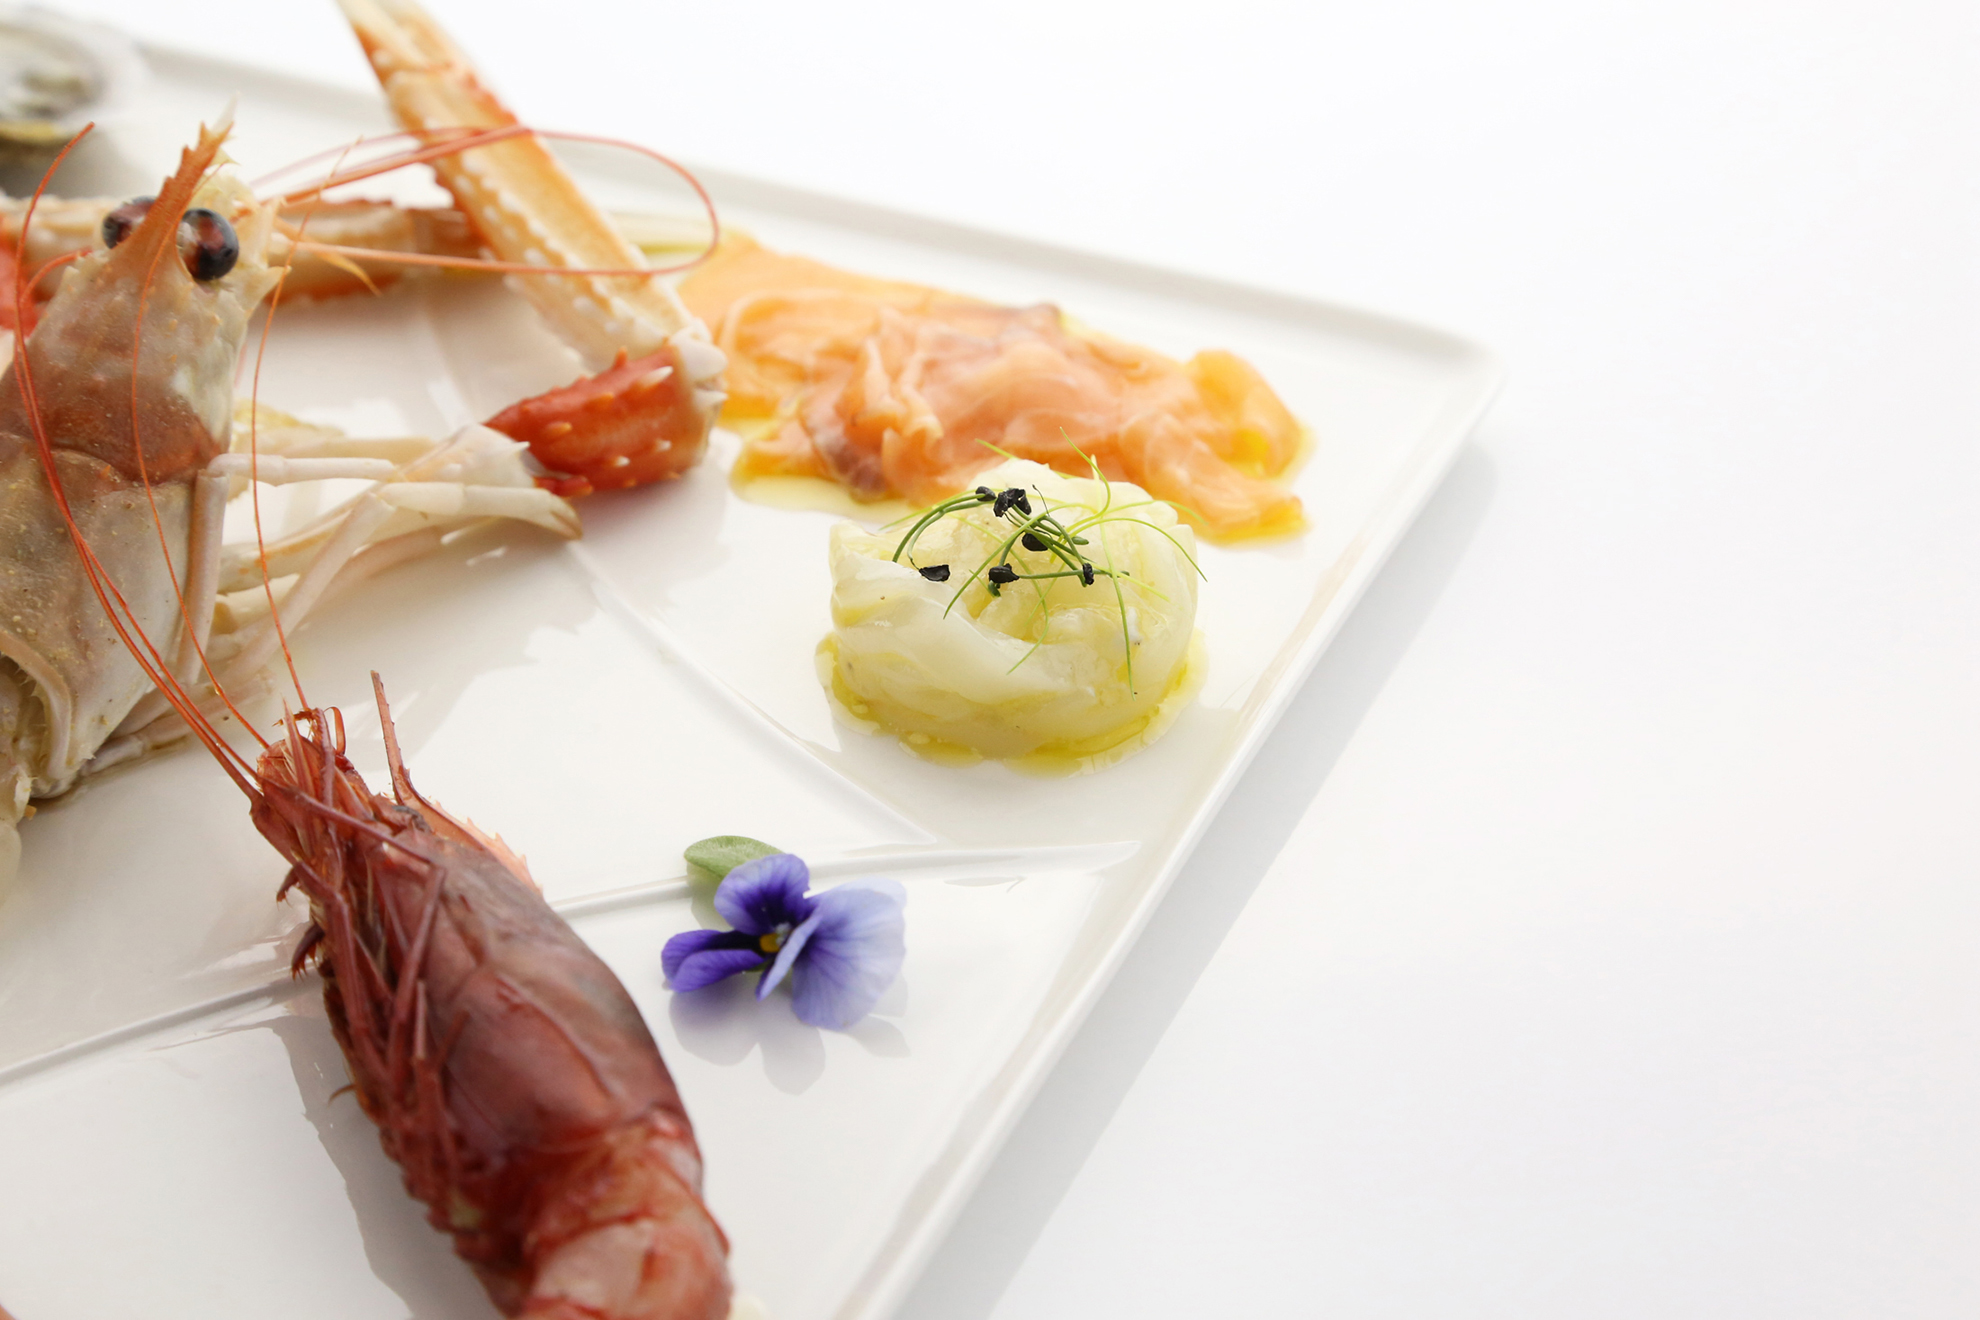 vittorio errico still life fotografia pubblicitaria photography riccio's life restaurant